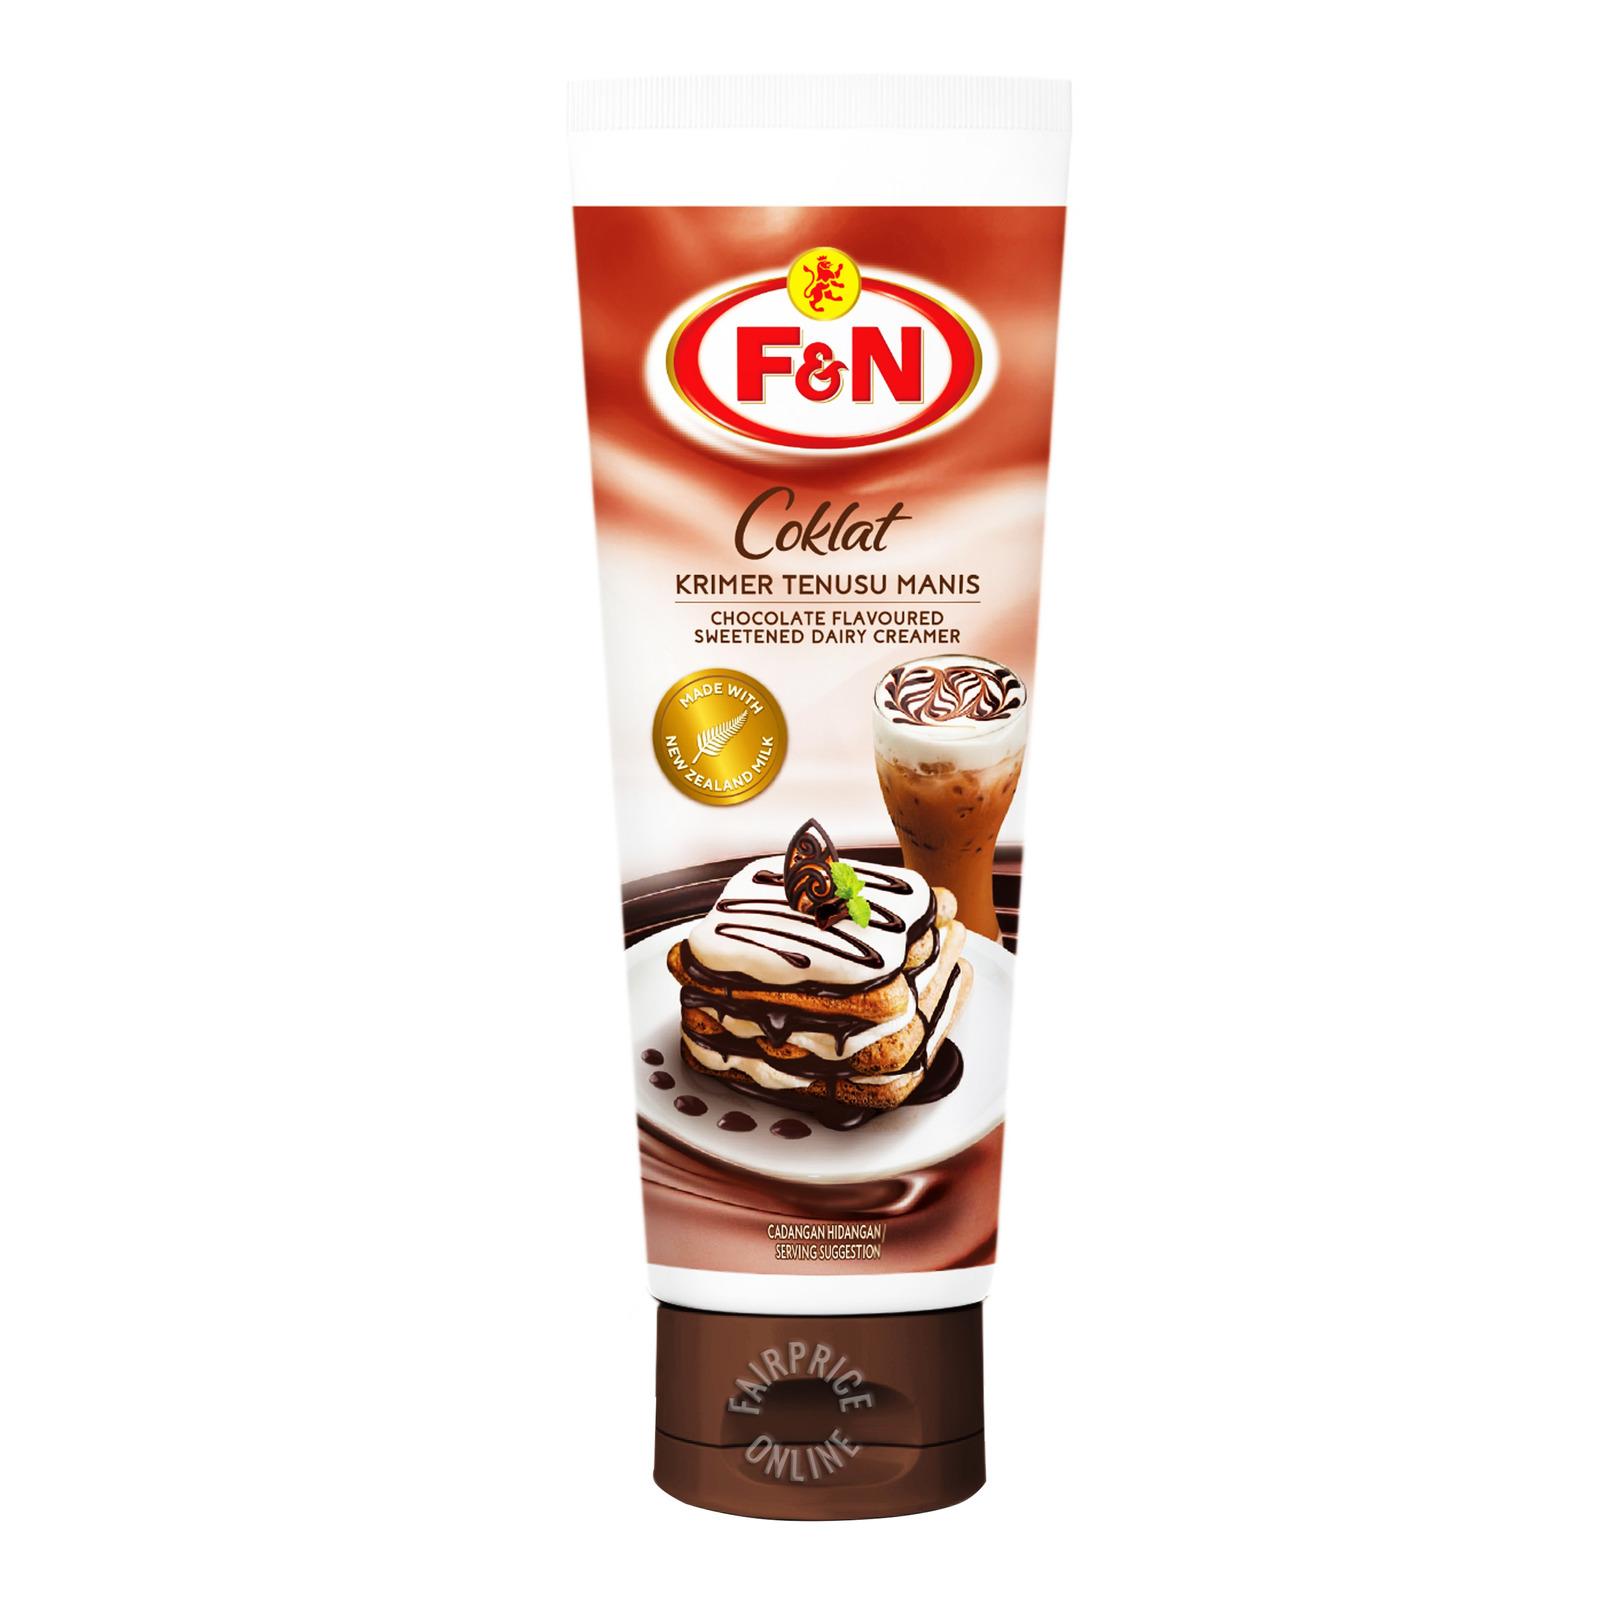 F&N Sweetened Dairy Creamer - Chocolate